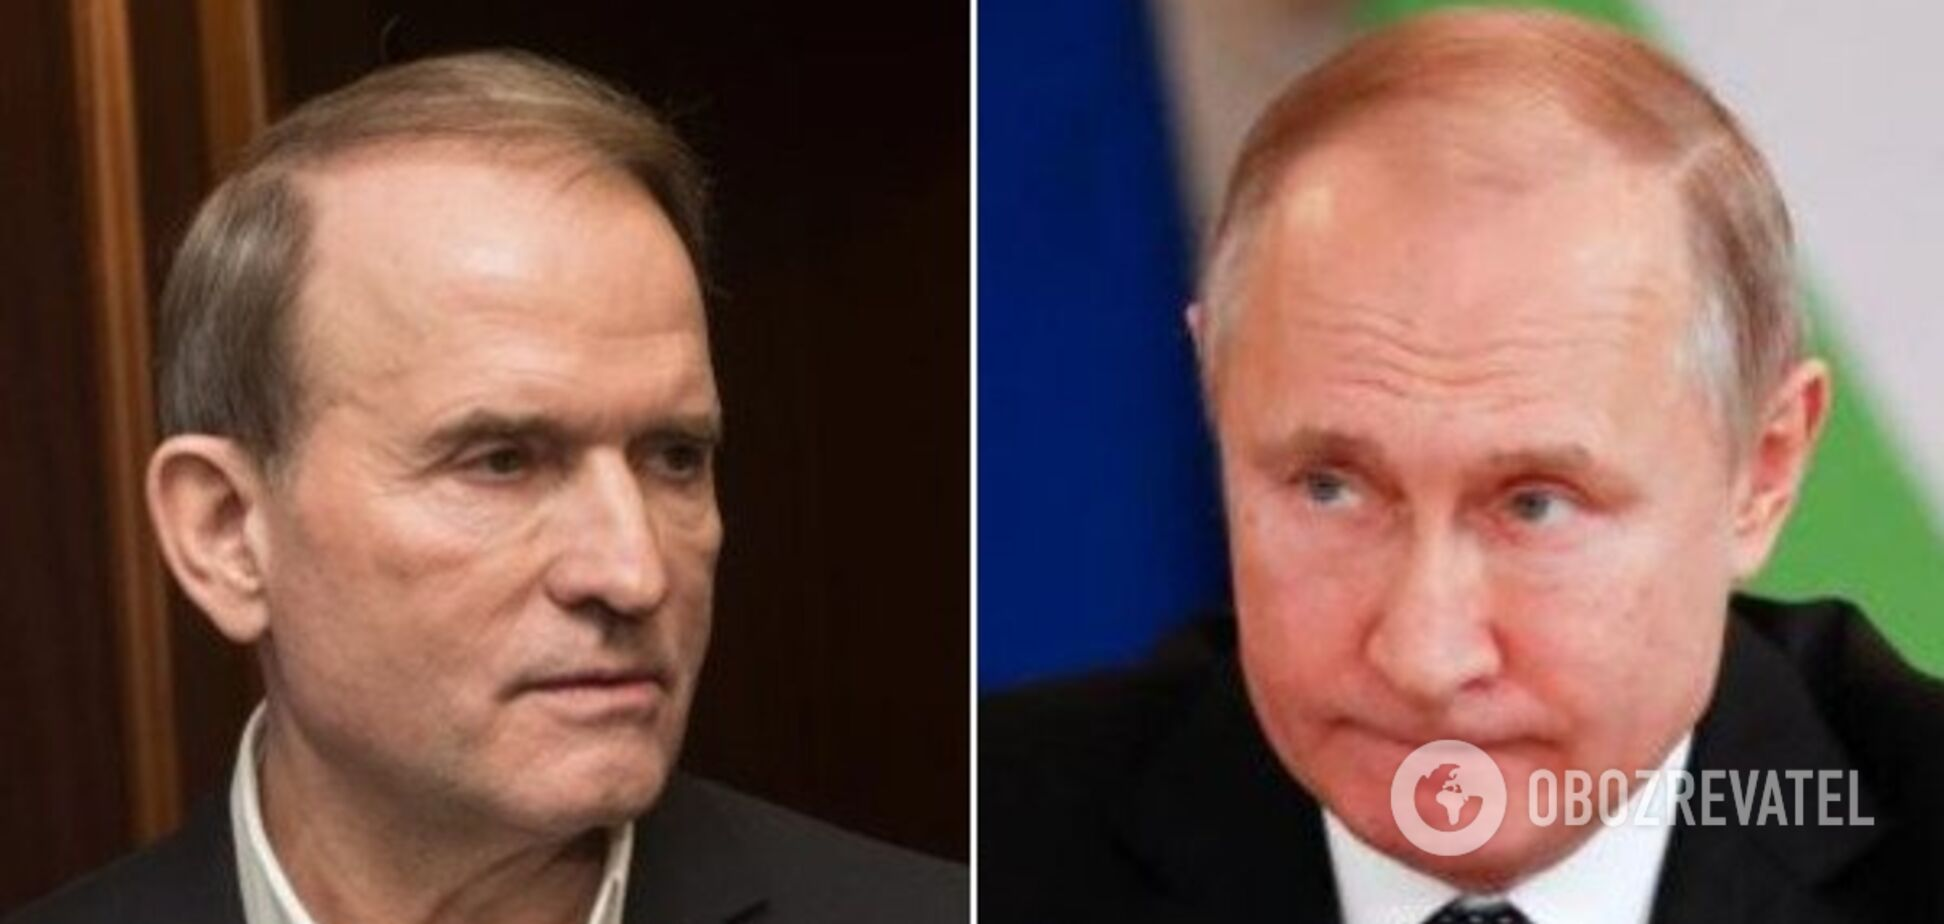 Українці та росіяни — один народ? Медведчук раптово виступив проти Путіна